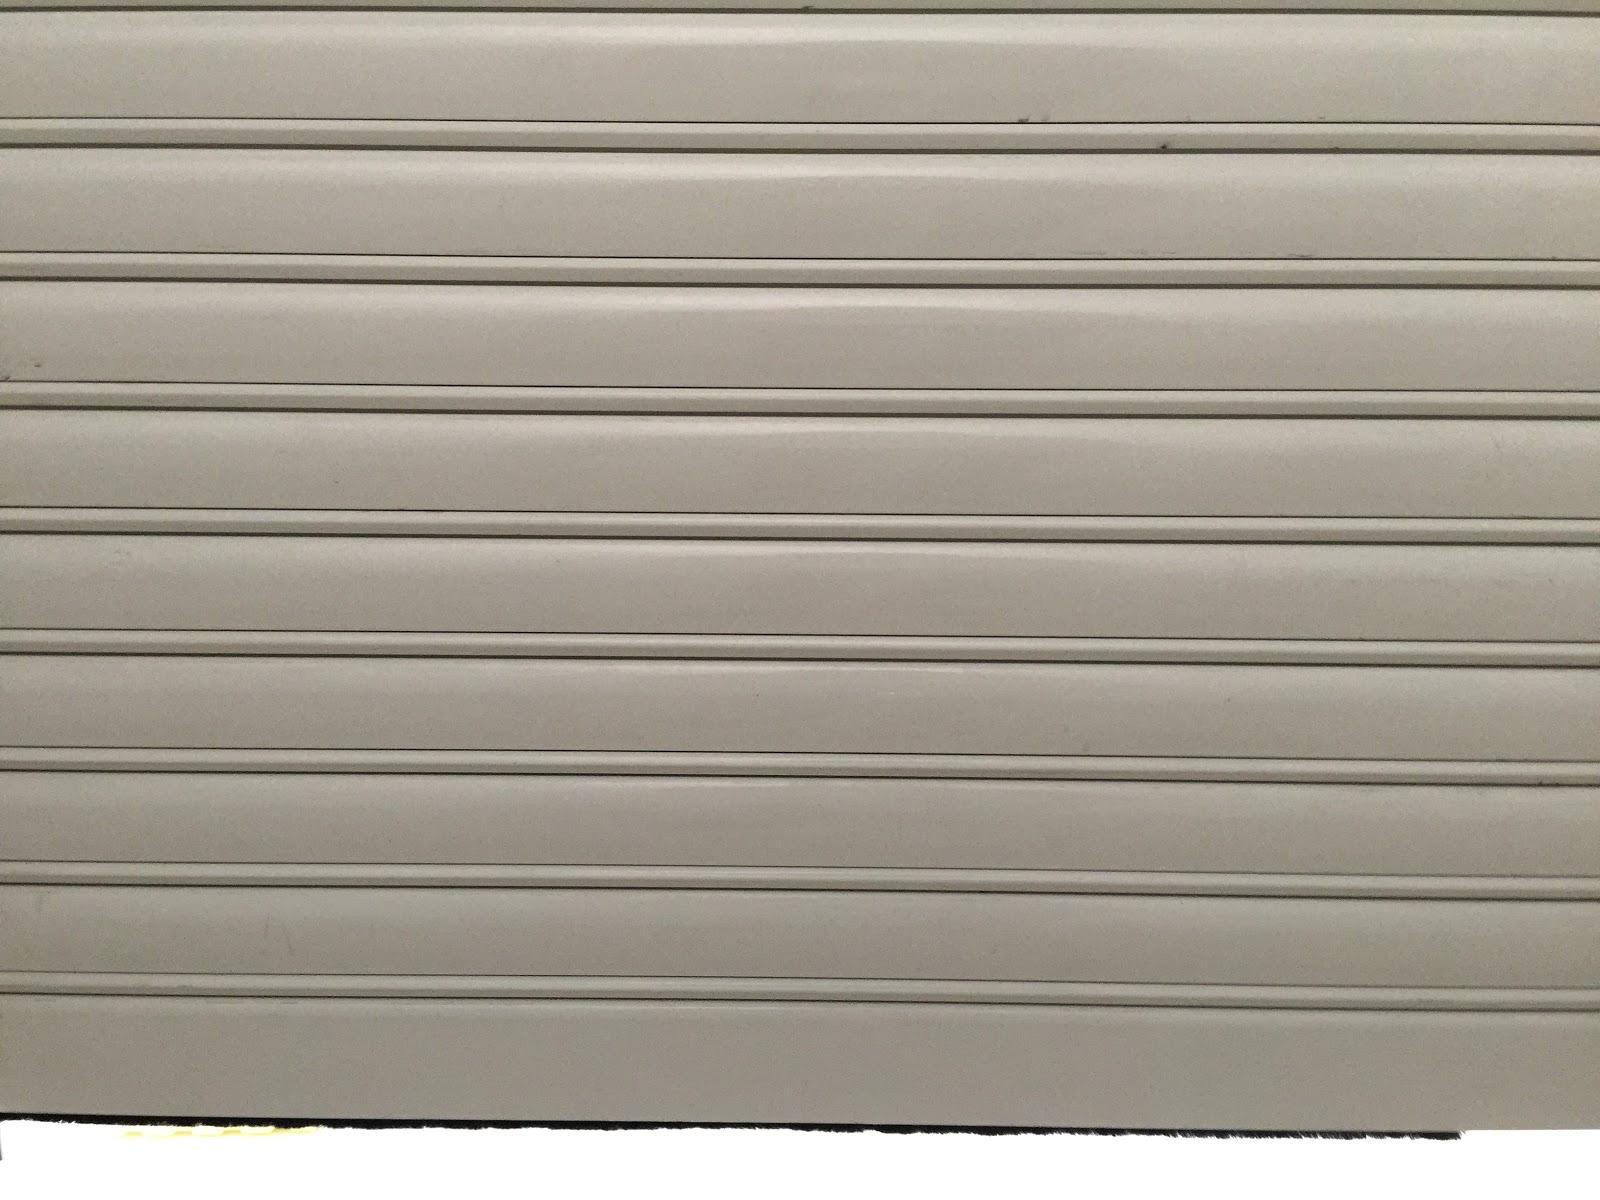 Persiauto persianas de aluminio - Lamas persianas aluminio ...